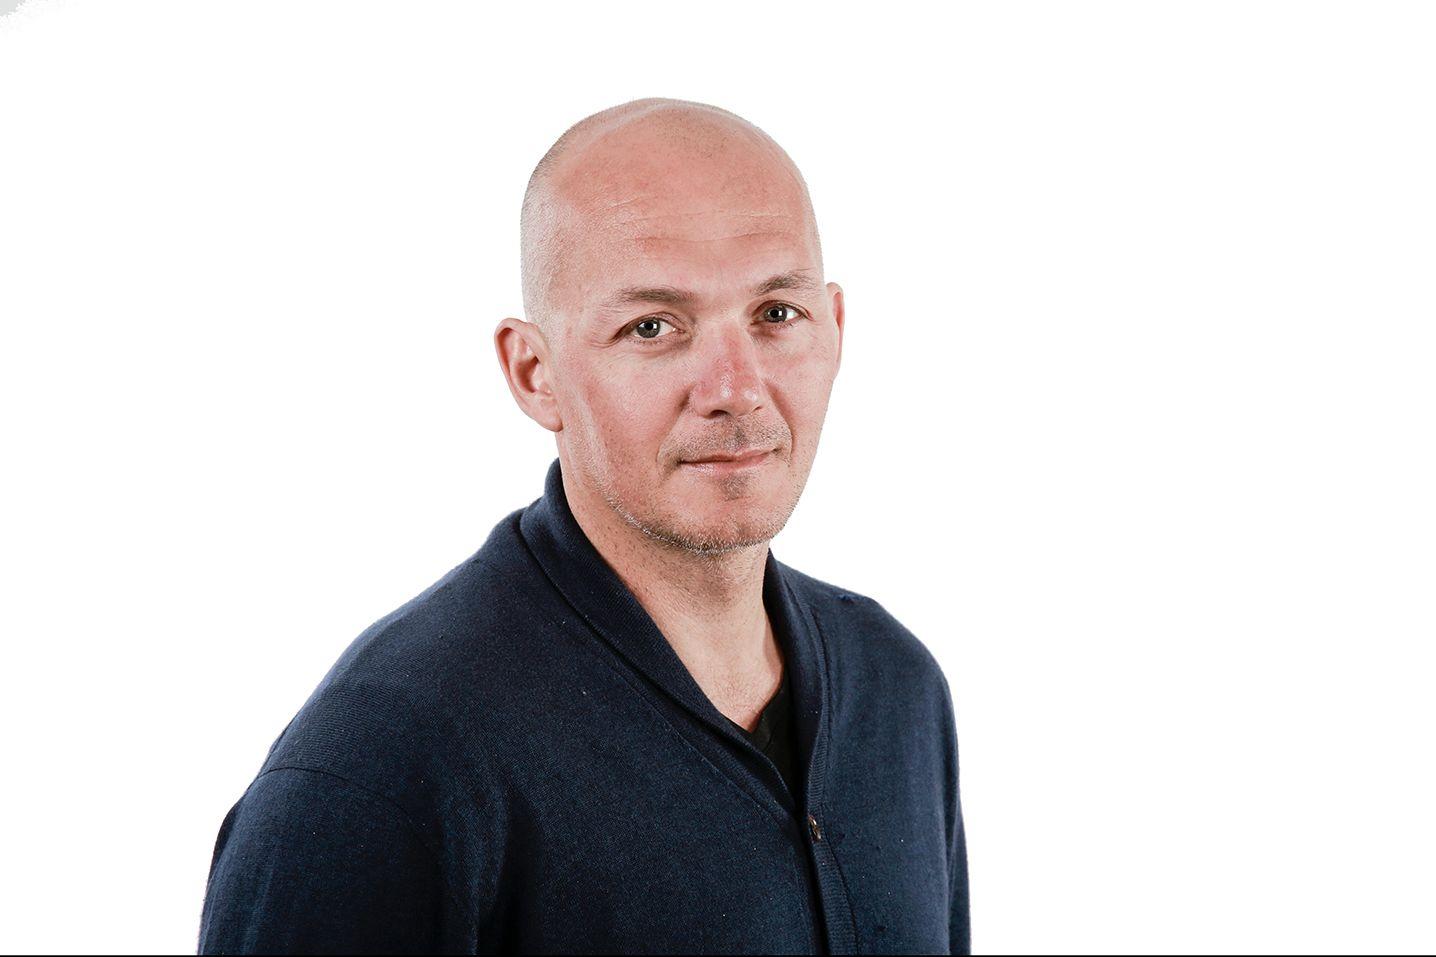 Robert Veiåker Johansen